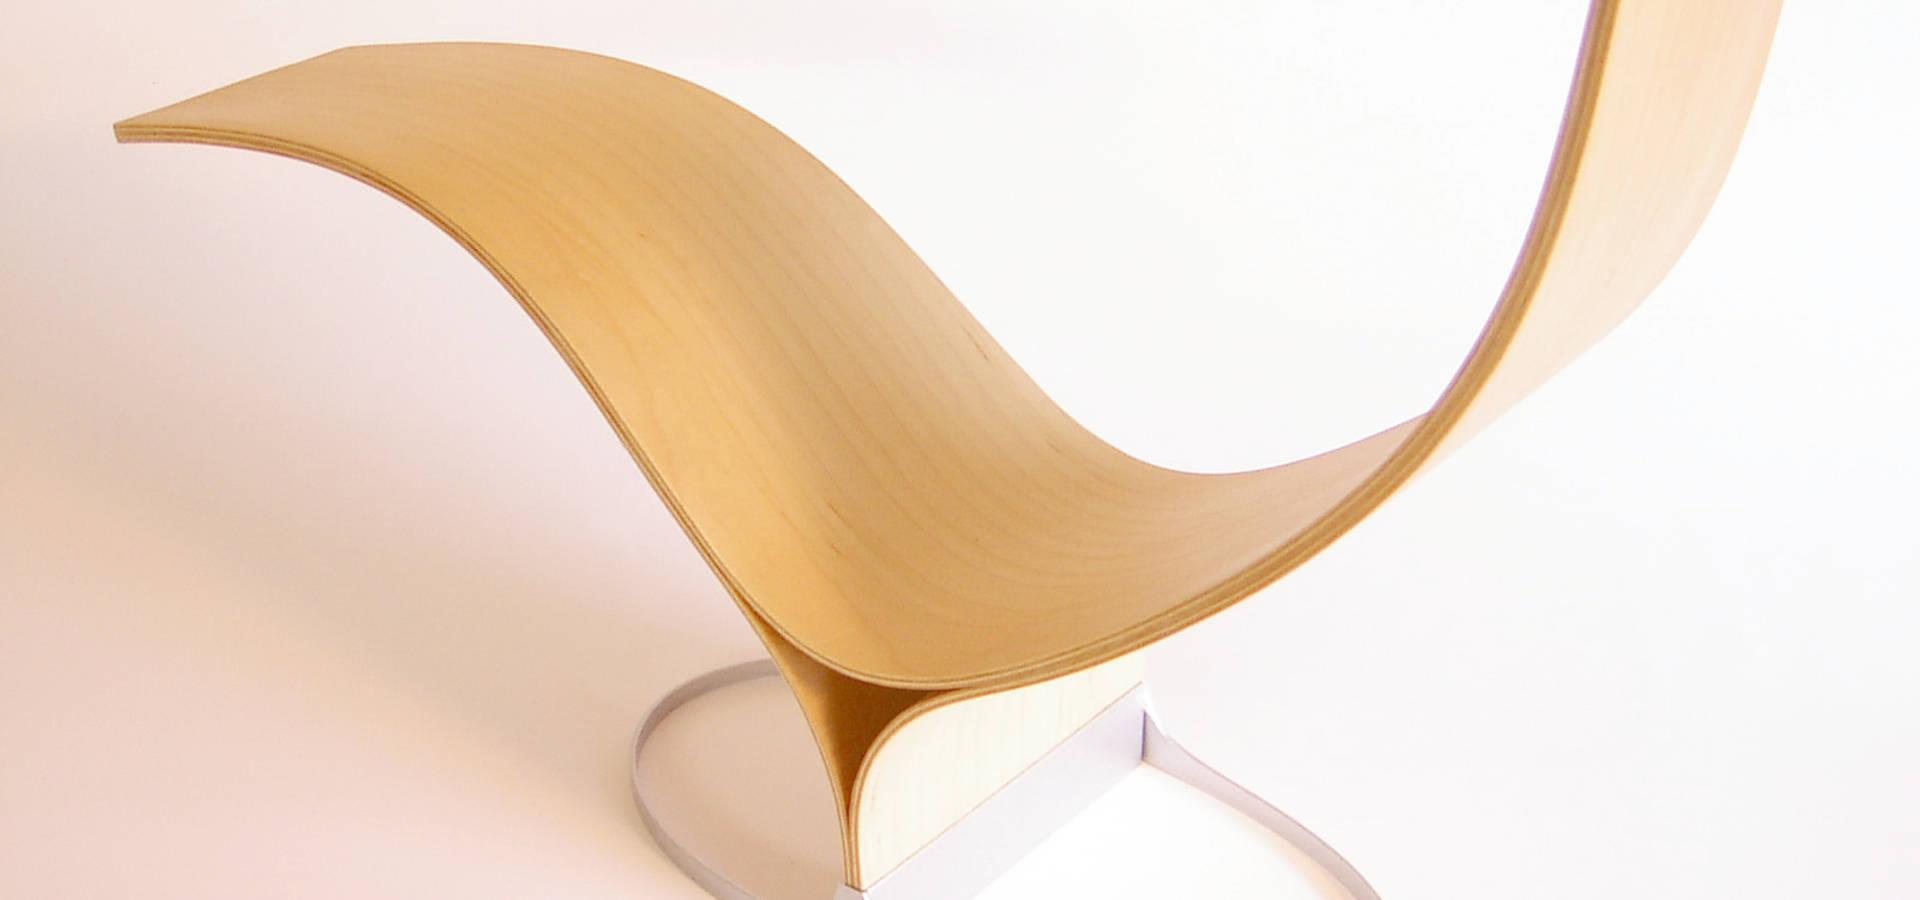 Design Studio CRAC